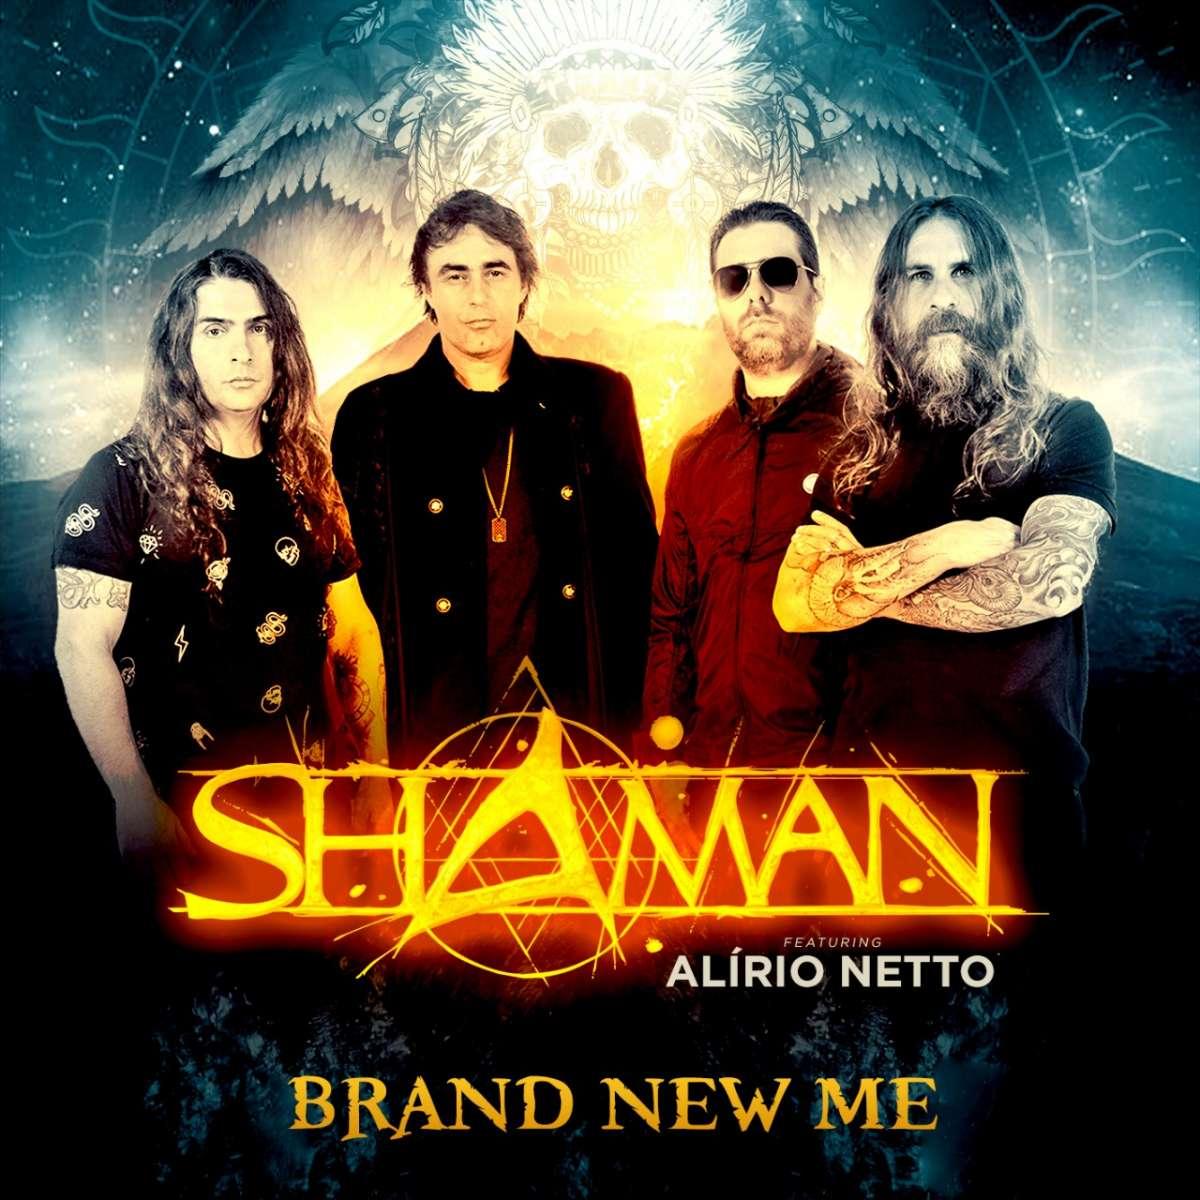 """Shaman + Alirio Netto: """"Brand New Me"""" será lançada dia 13 de março"""